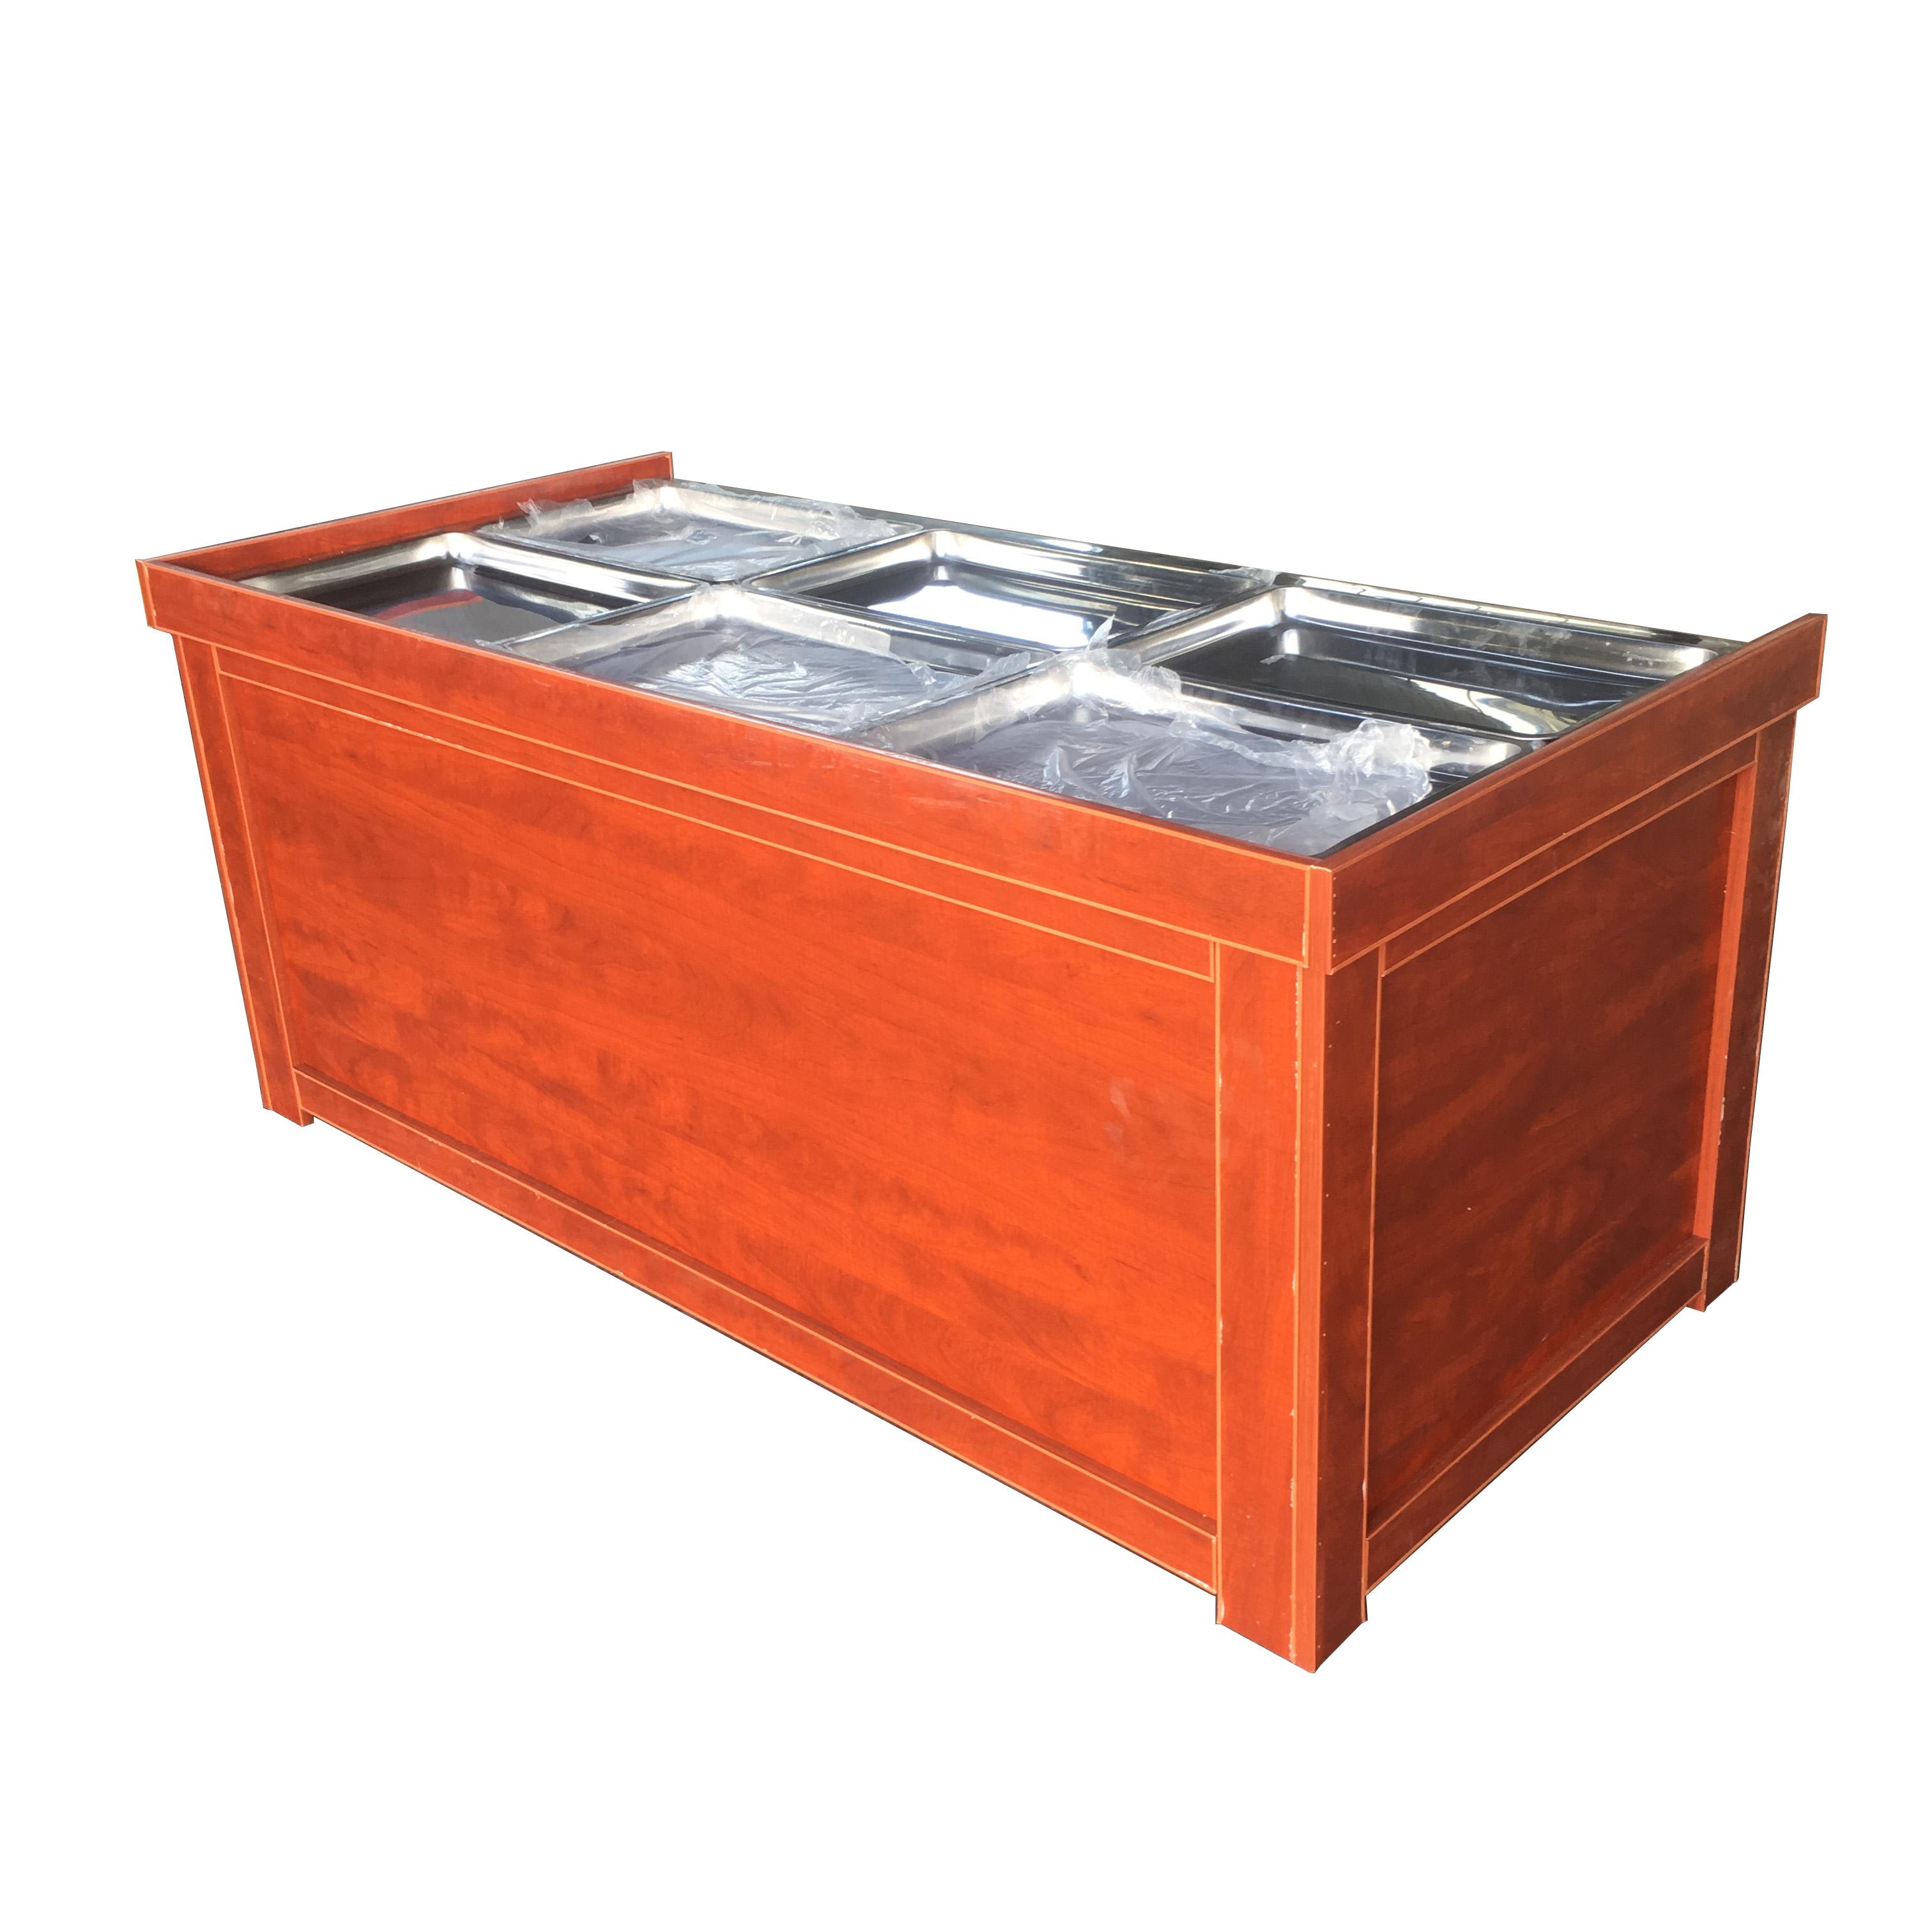 实木外围装饰油皮机/不锈钢材质腐竹机